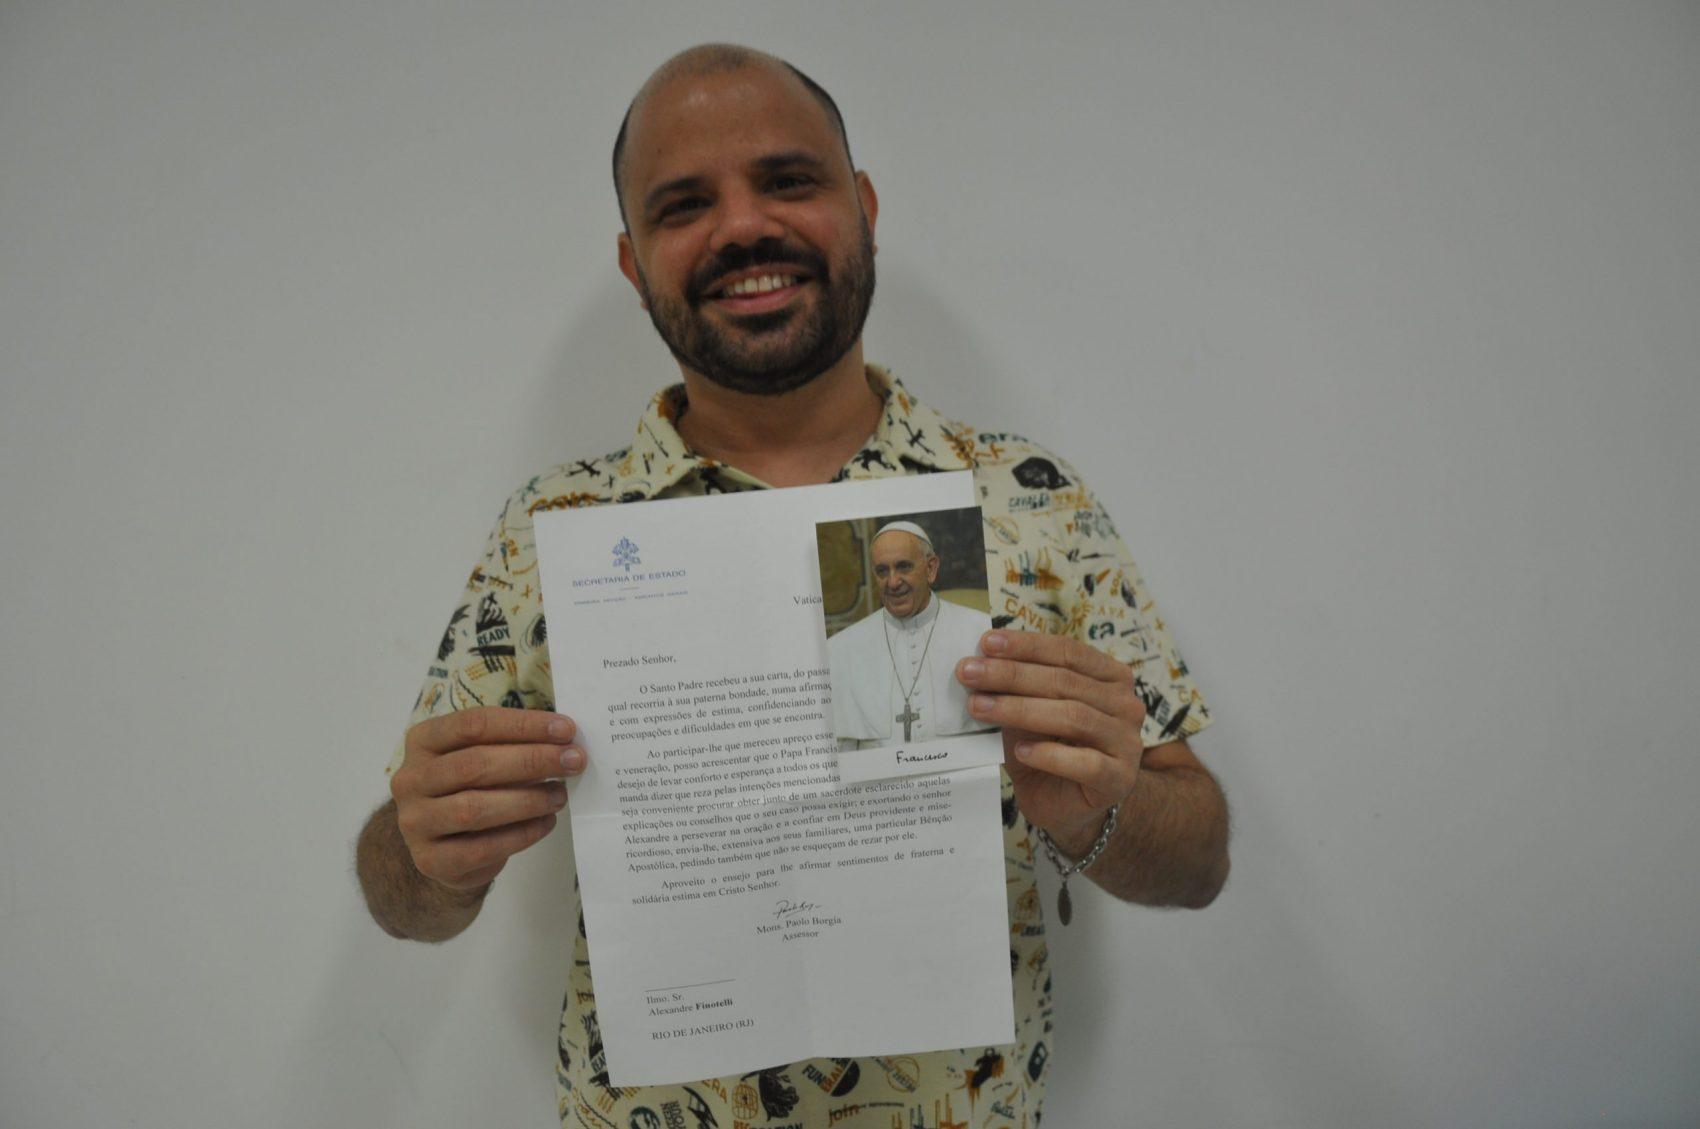 Alexandre Sinotelli e a carta do Papa Francisco: emoção e força para seguir na fé católica mesmo enfrentando preconceitos (Foto: Elis Bartonelli)